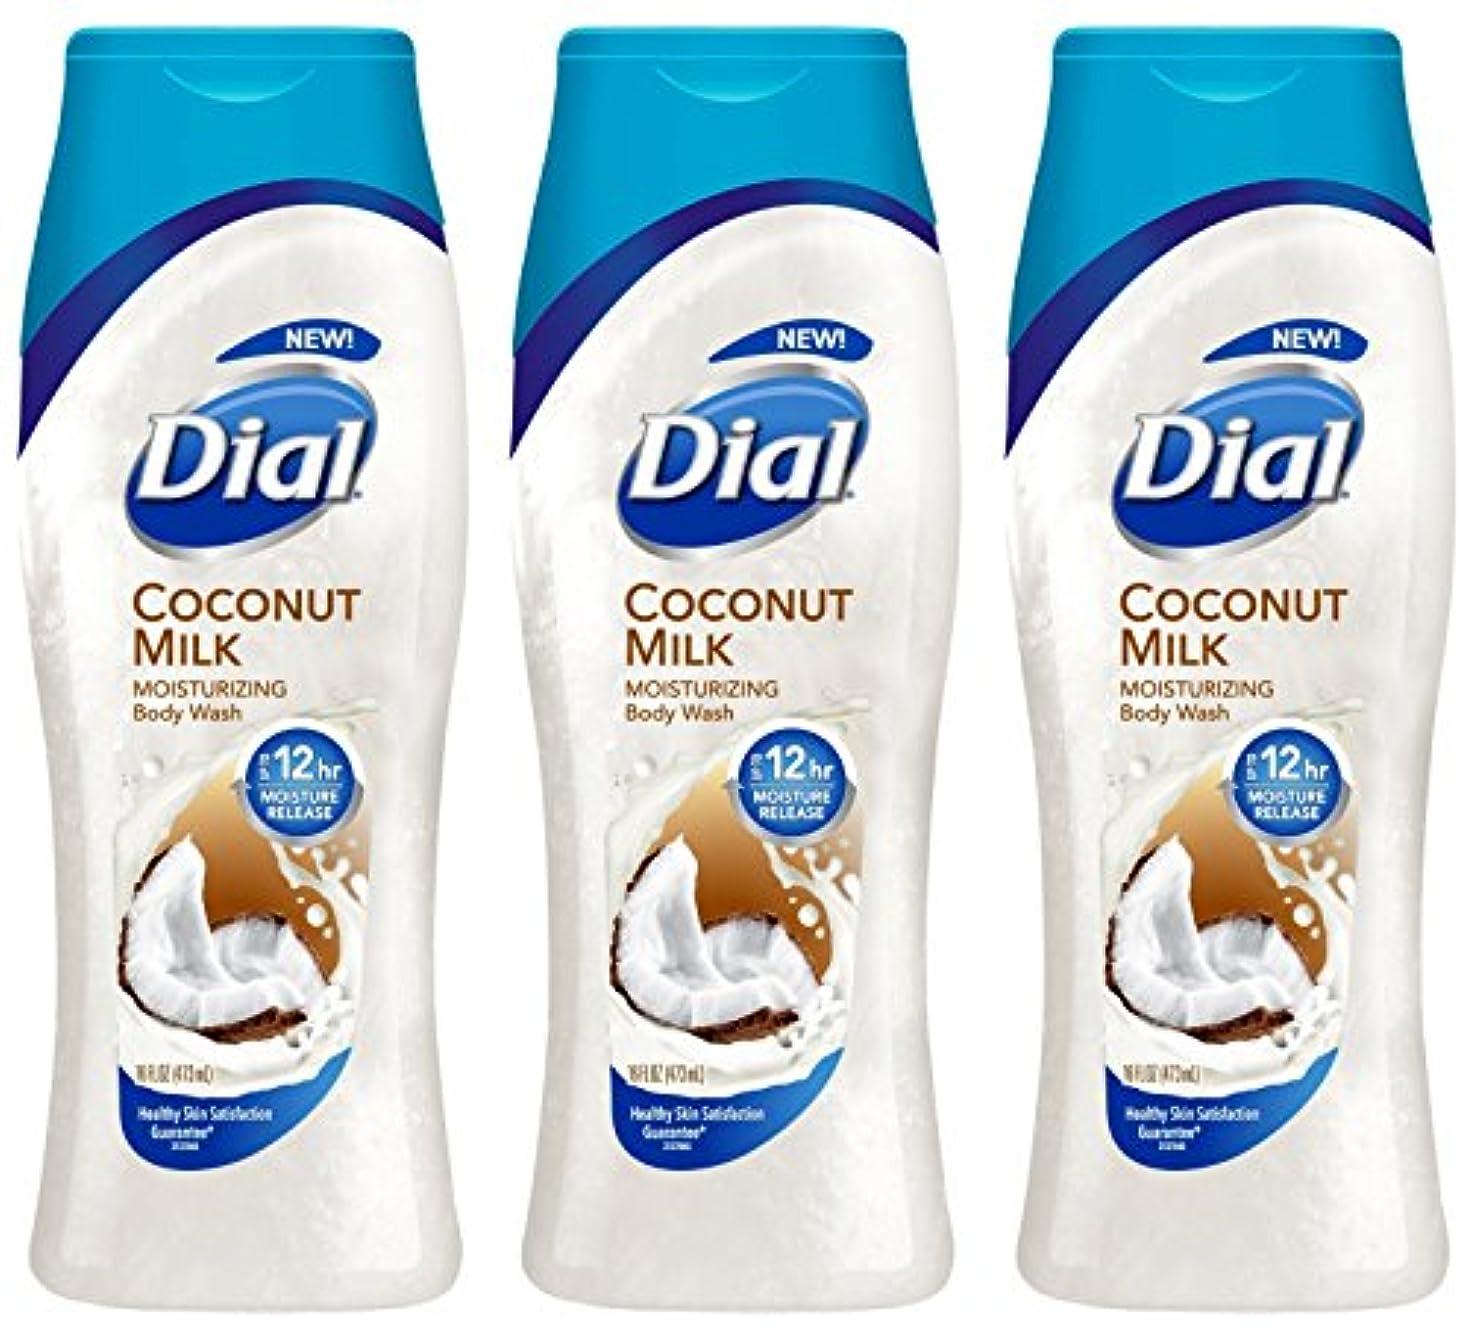 顕現内なる憤るDial モイスチャライジングボディウォッシュ - ココナッツミルク - 12時間モイスチャーリリース - ネット重量。ボトルあたり16液量オンス(473 ml)を - 3本のボトルのパック